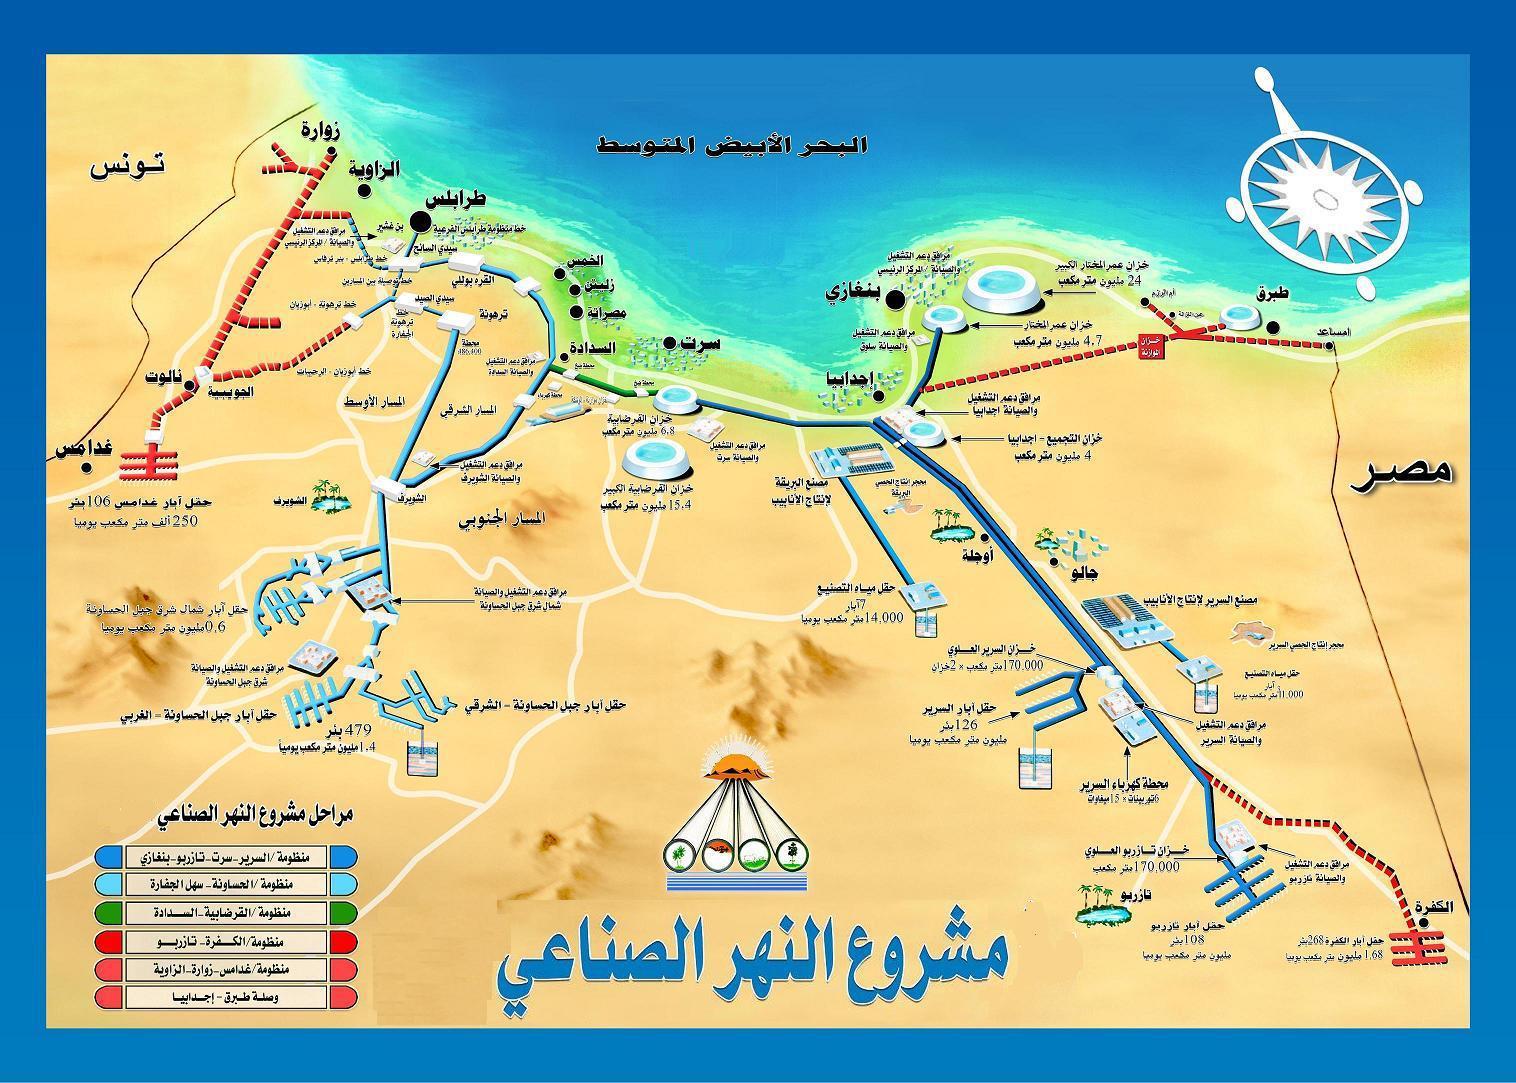 بالخرائط النهر العظيم في ليبيا يغير شكل الحياة خطوات في الجغرافيا